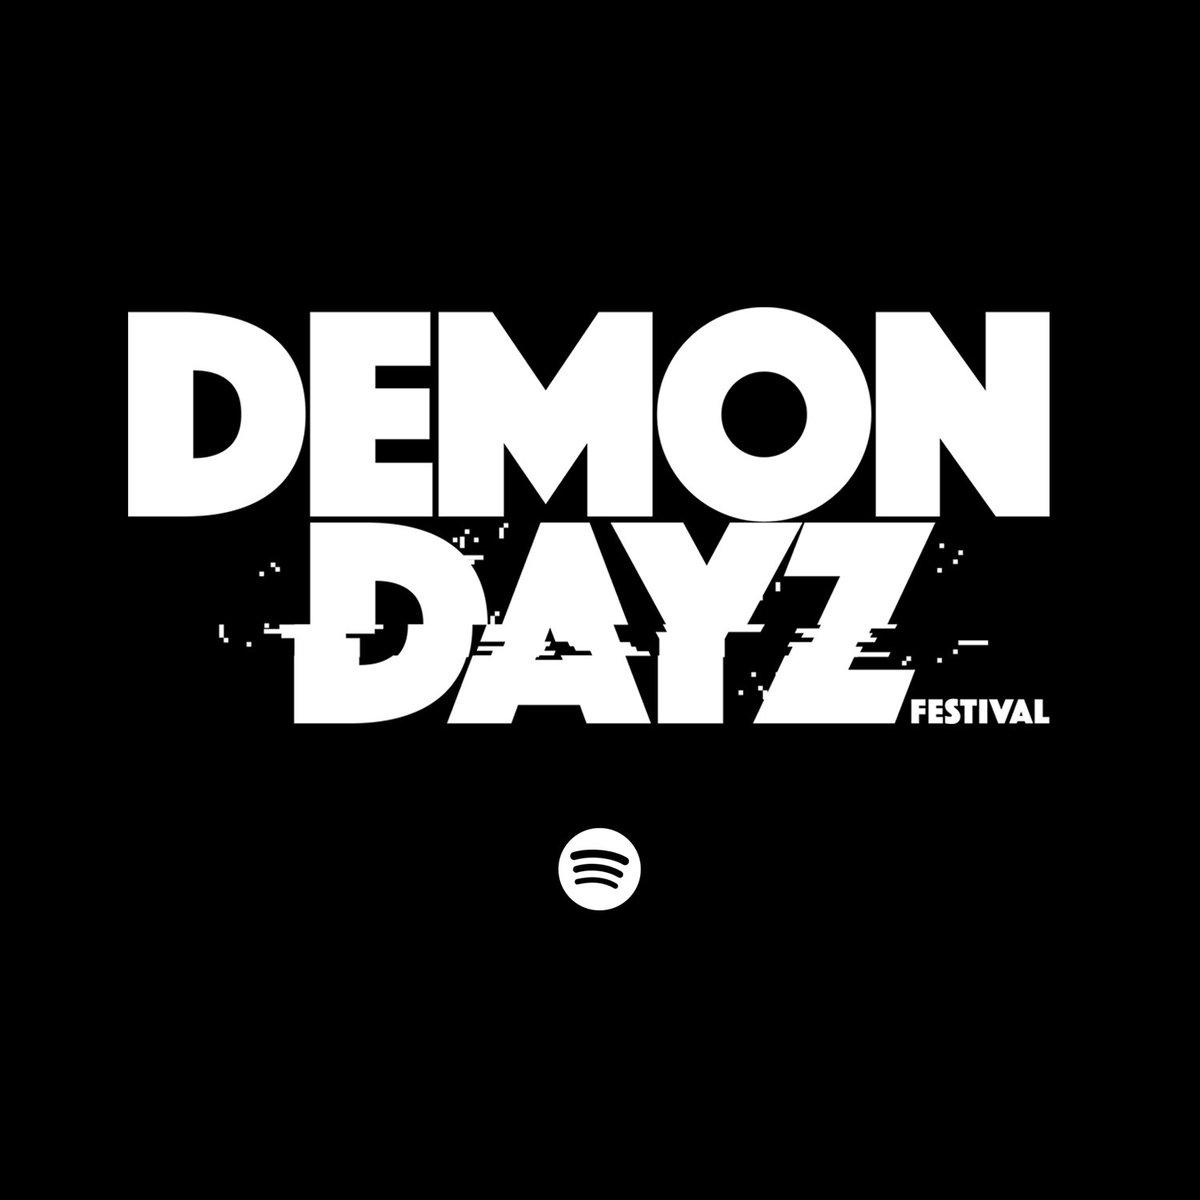 Demon Dayz 2017